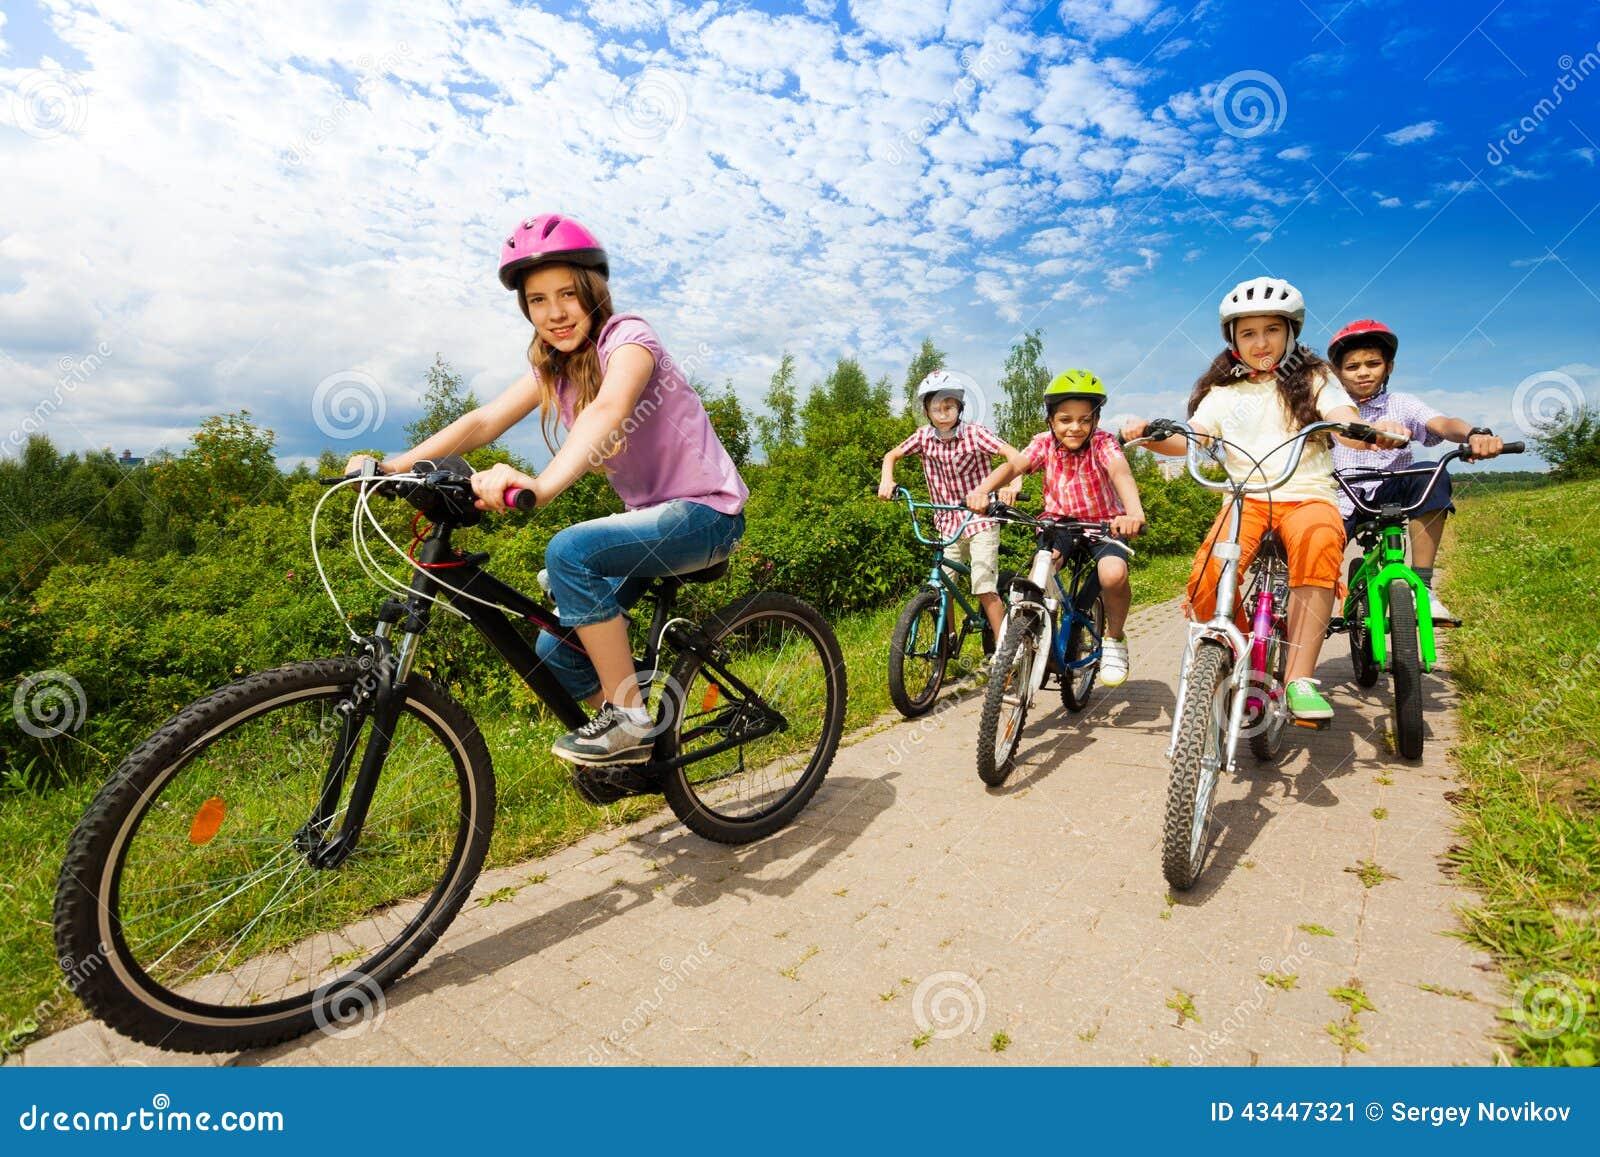 Famoso Due Ragazze E Ragazzi In Caschi Guidano Insieme Le Bici Immagine  UH14